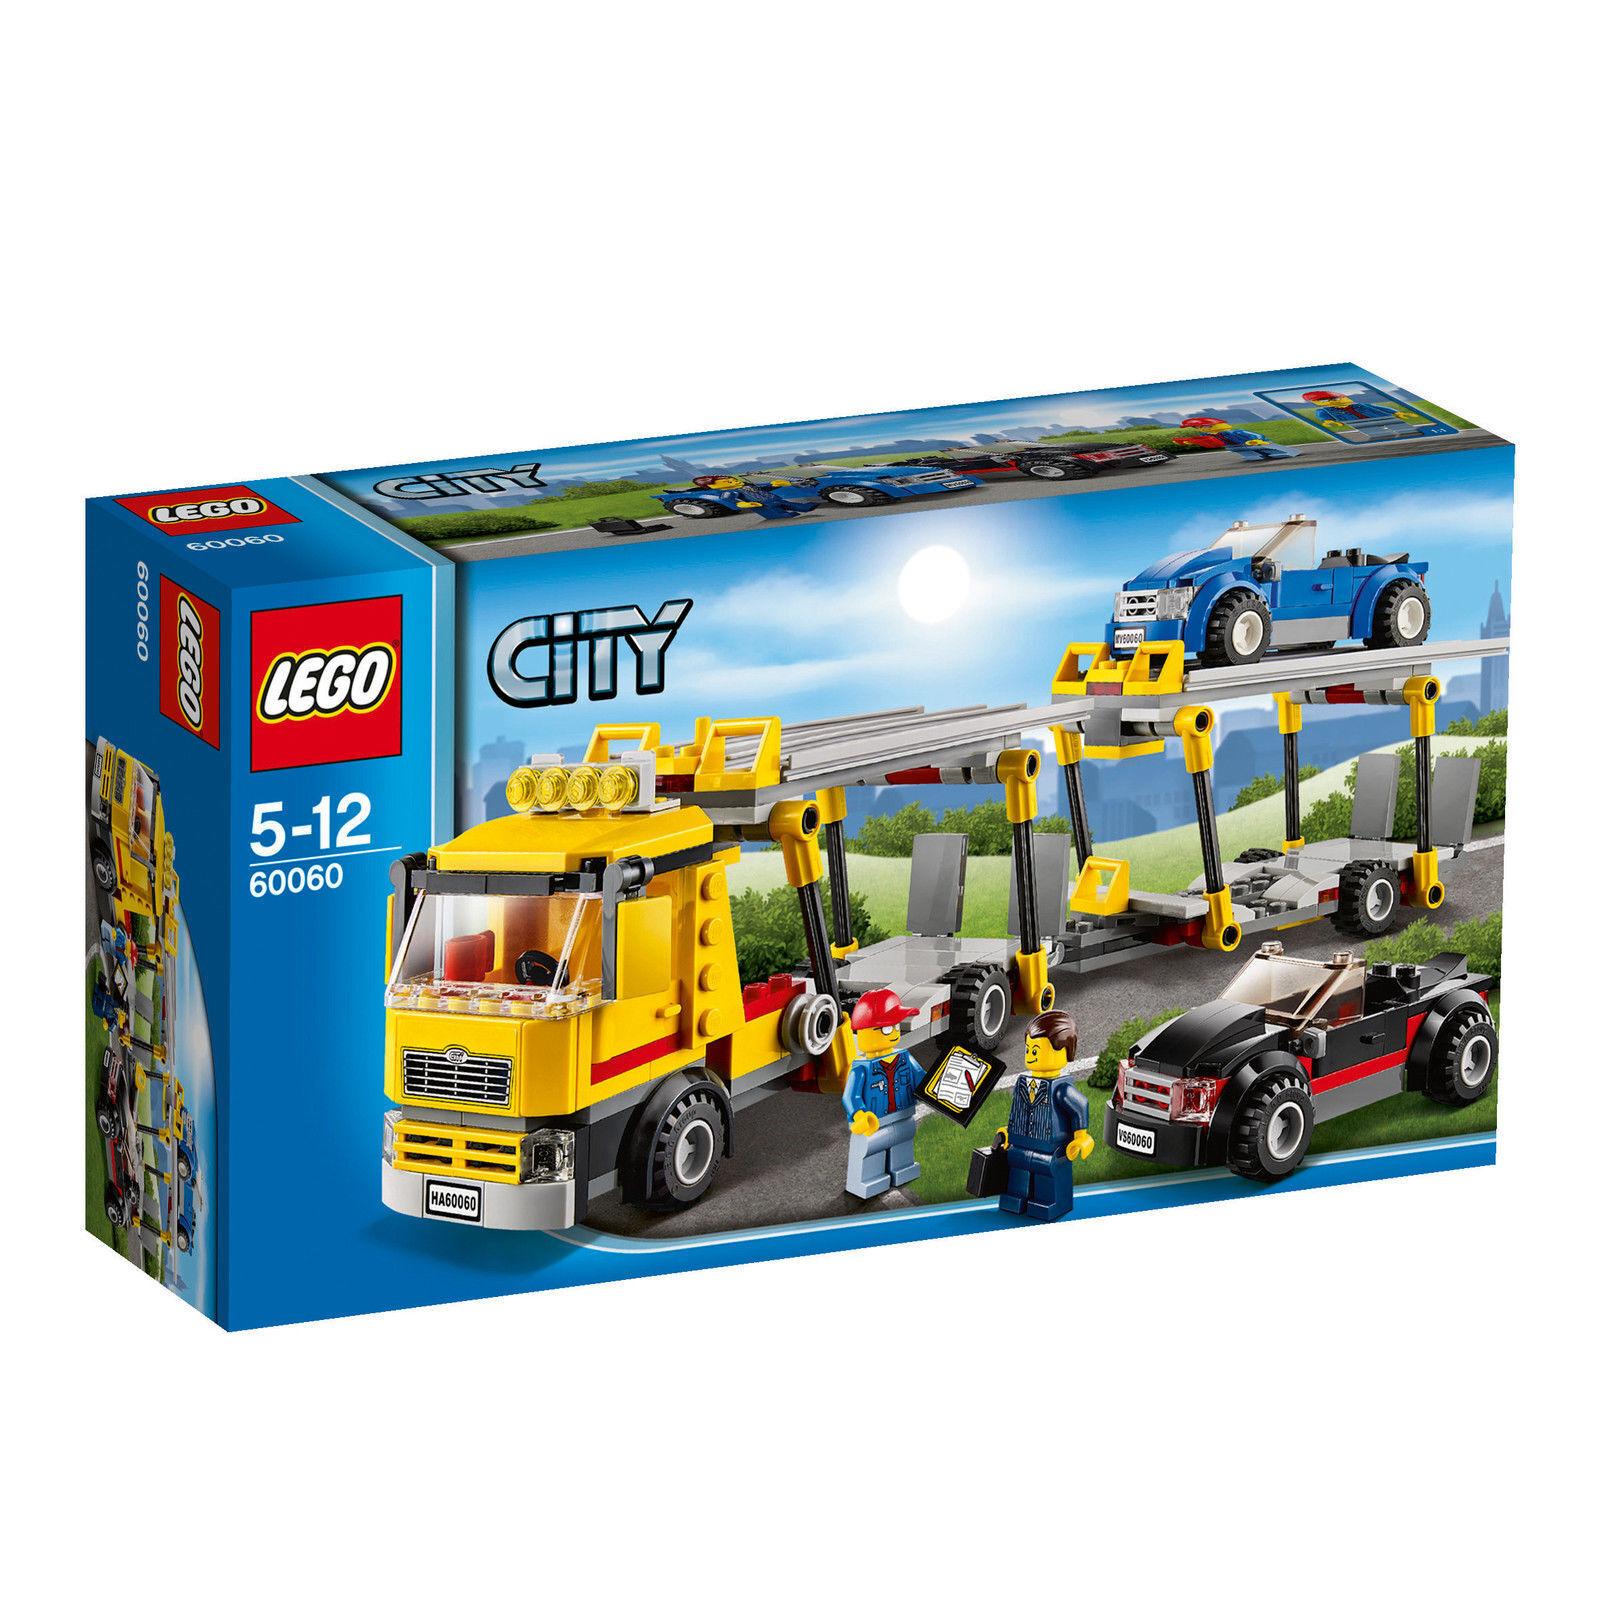 LEGO City 60060 Autotransporter Autotransporter Autotransporter NEU OVP new sealed 8c8b49